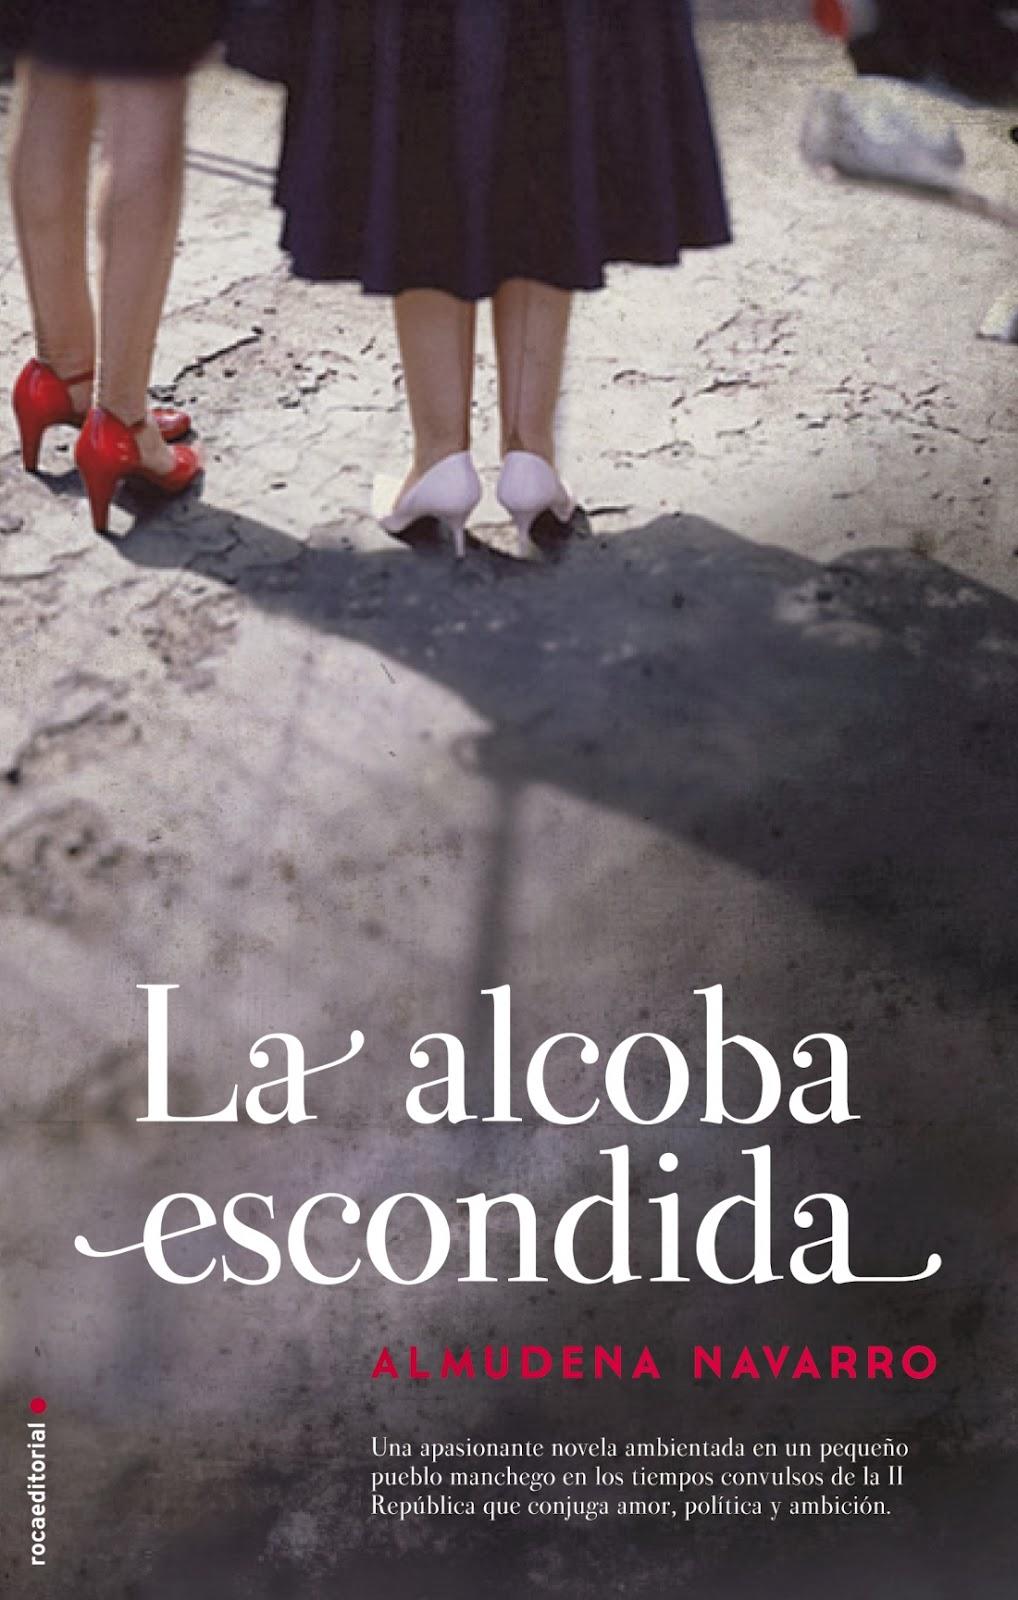 http://www.rocaeditorial.com/es/catalogo/sellos/roca-editorial-5/la-alcoba-escondida-1675.htm